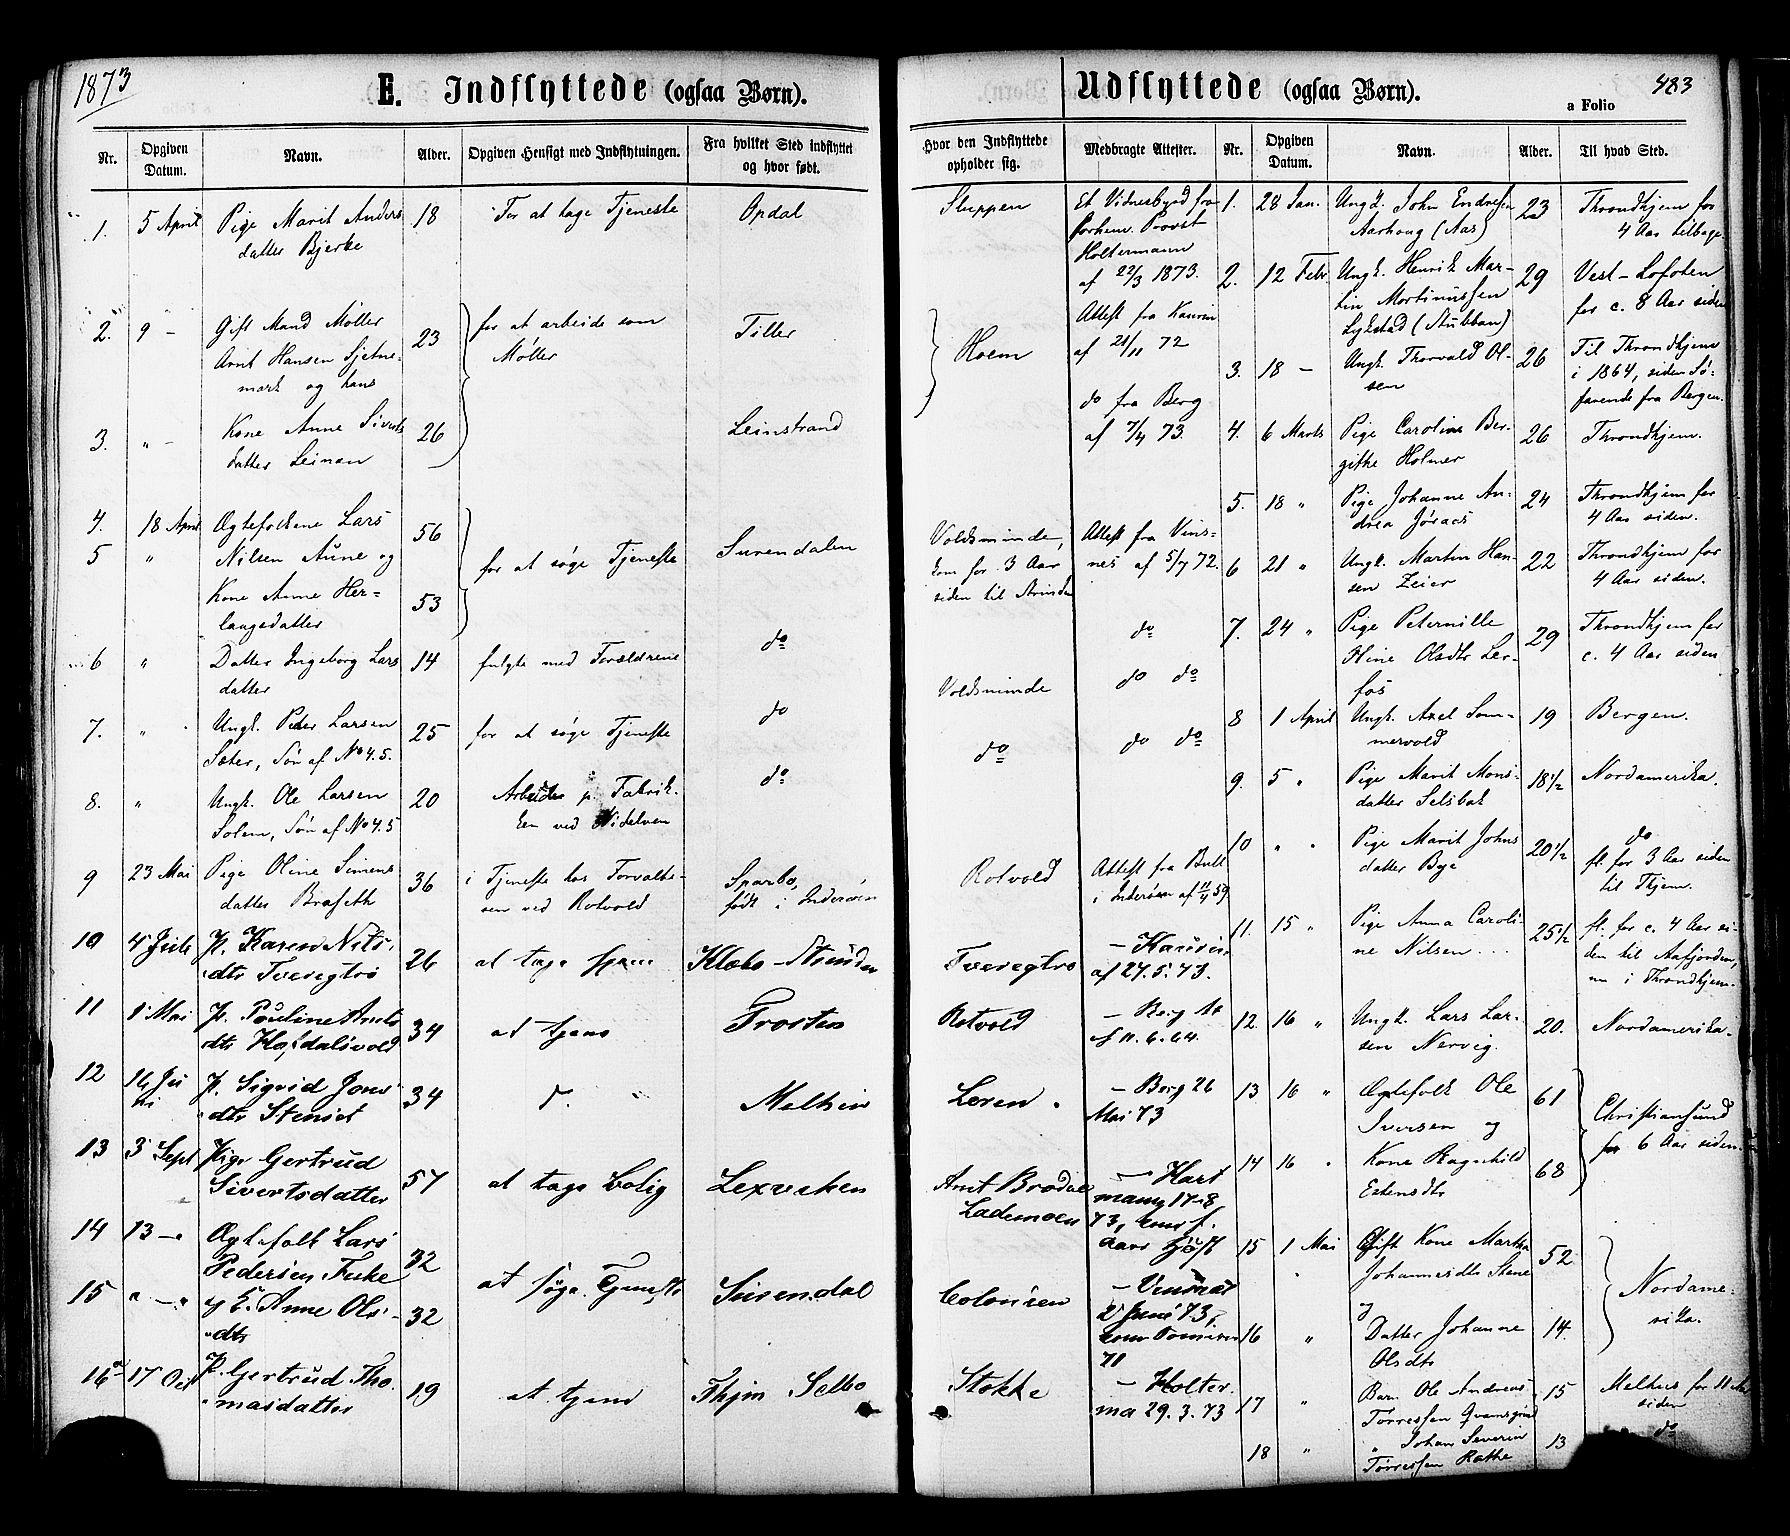 SAT, Ministerialprotokoller, klokkerbøker og fødselsregistre - Sør-Trøndelag, 606/L0293: Ministerialbok nr. 606A08, 1866-1877, s. 483